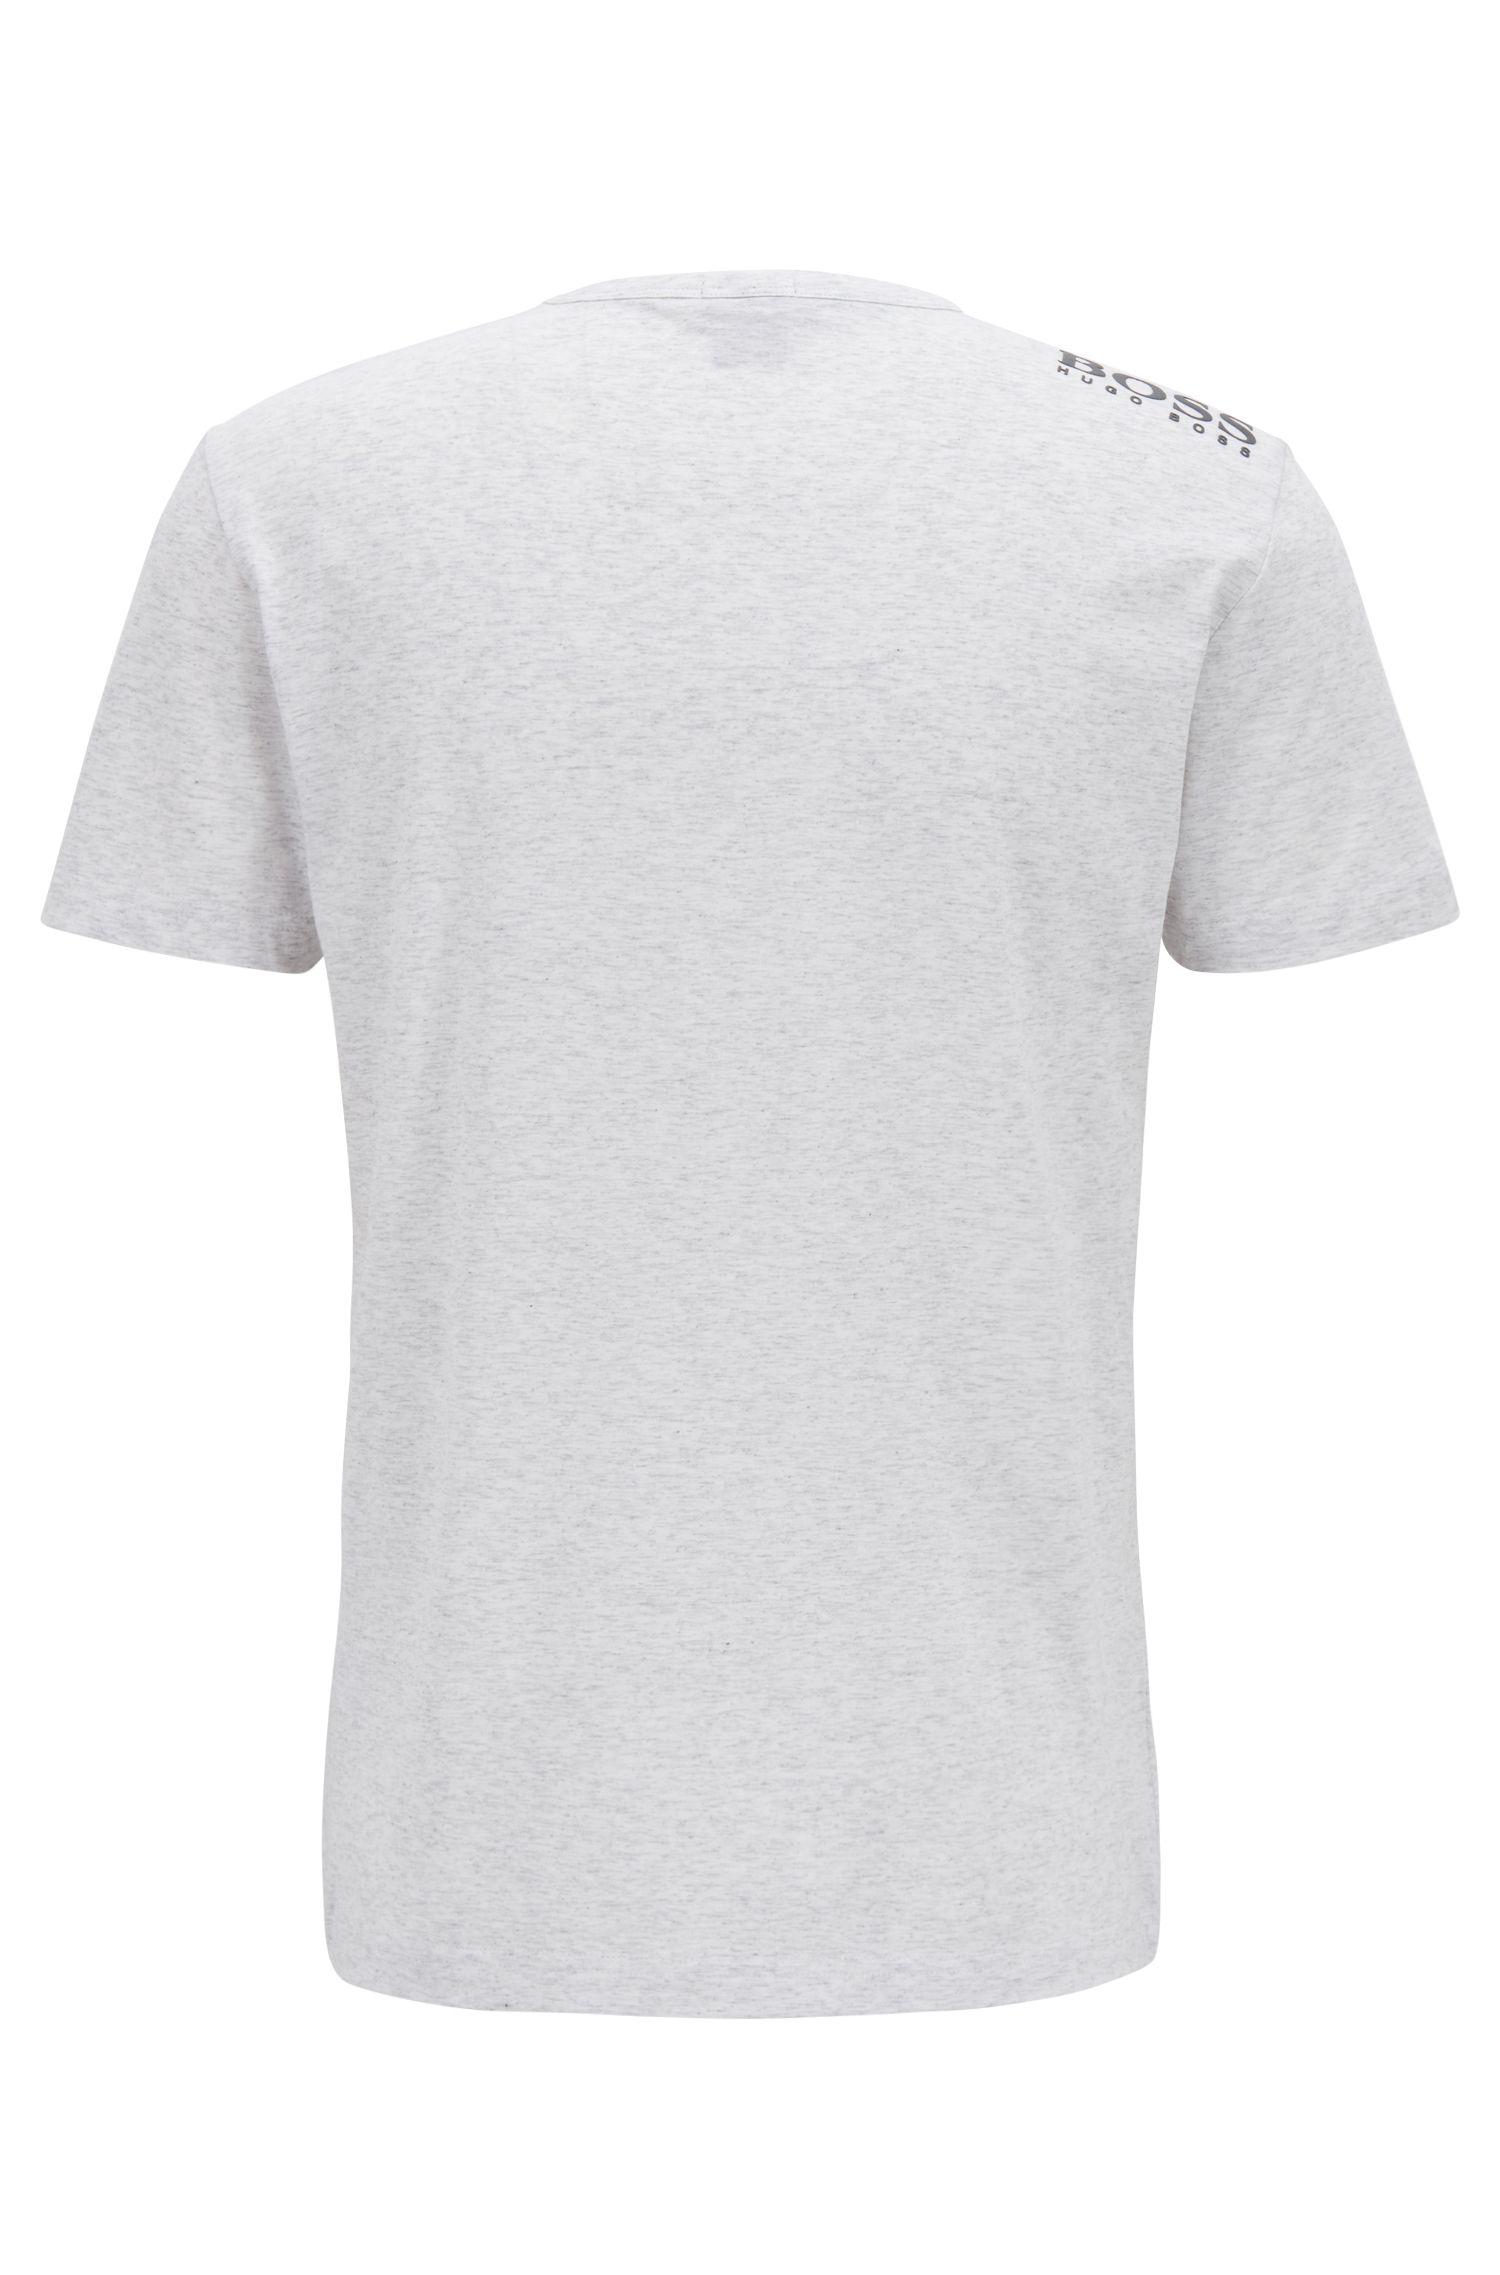 T-Shirt aus Baumwolle mit V-Ausschnitt und Kontrast-Logo an der Schulter, Hellgrau